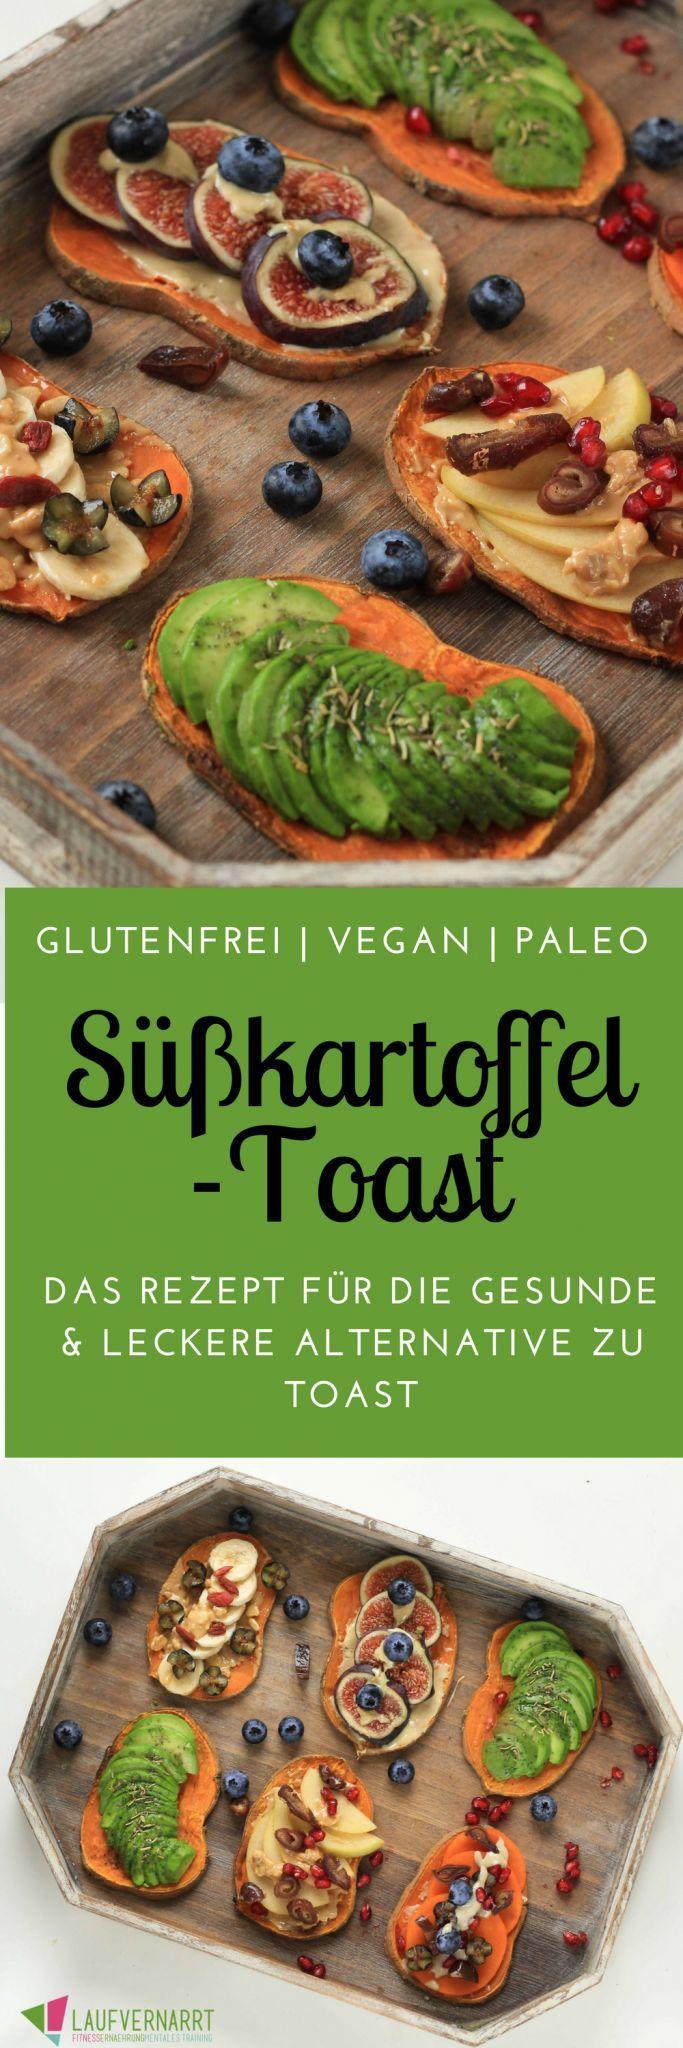 Toast di patate dolci – l'alternativa salutare e senza glutine al toast – appassionato di corsa